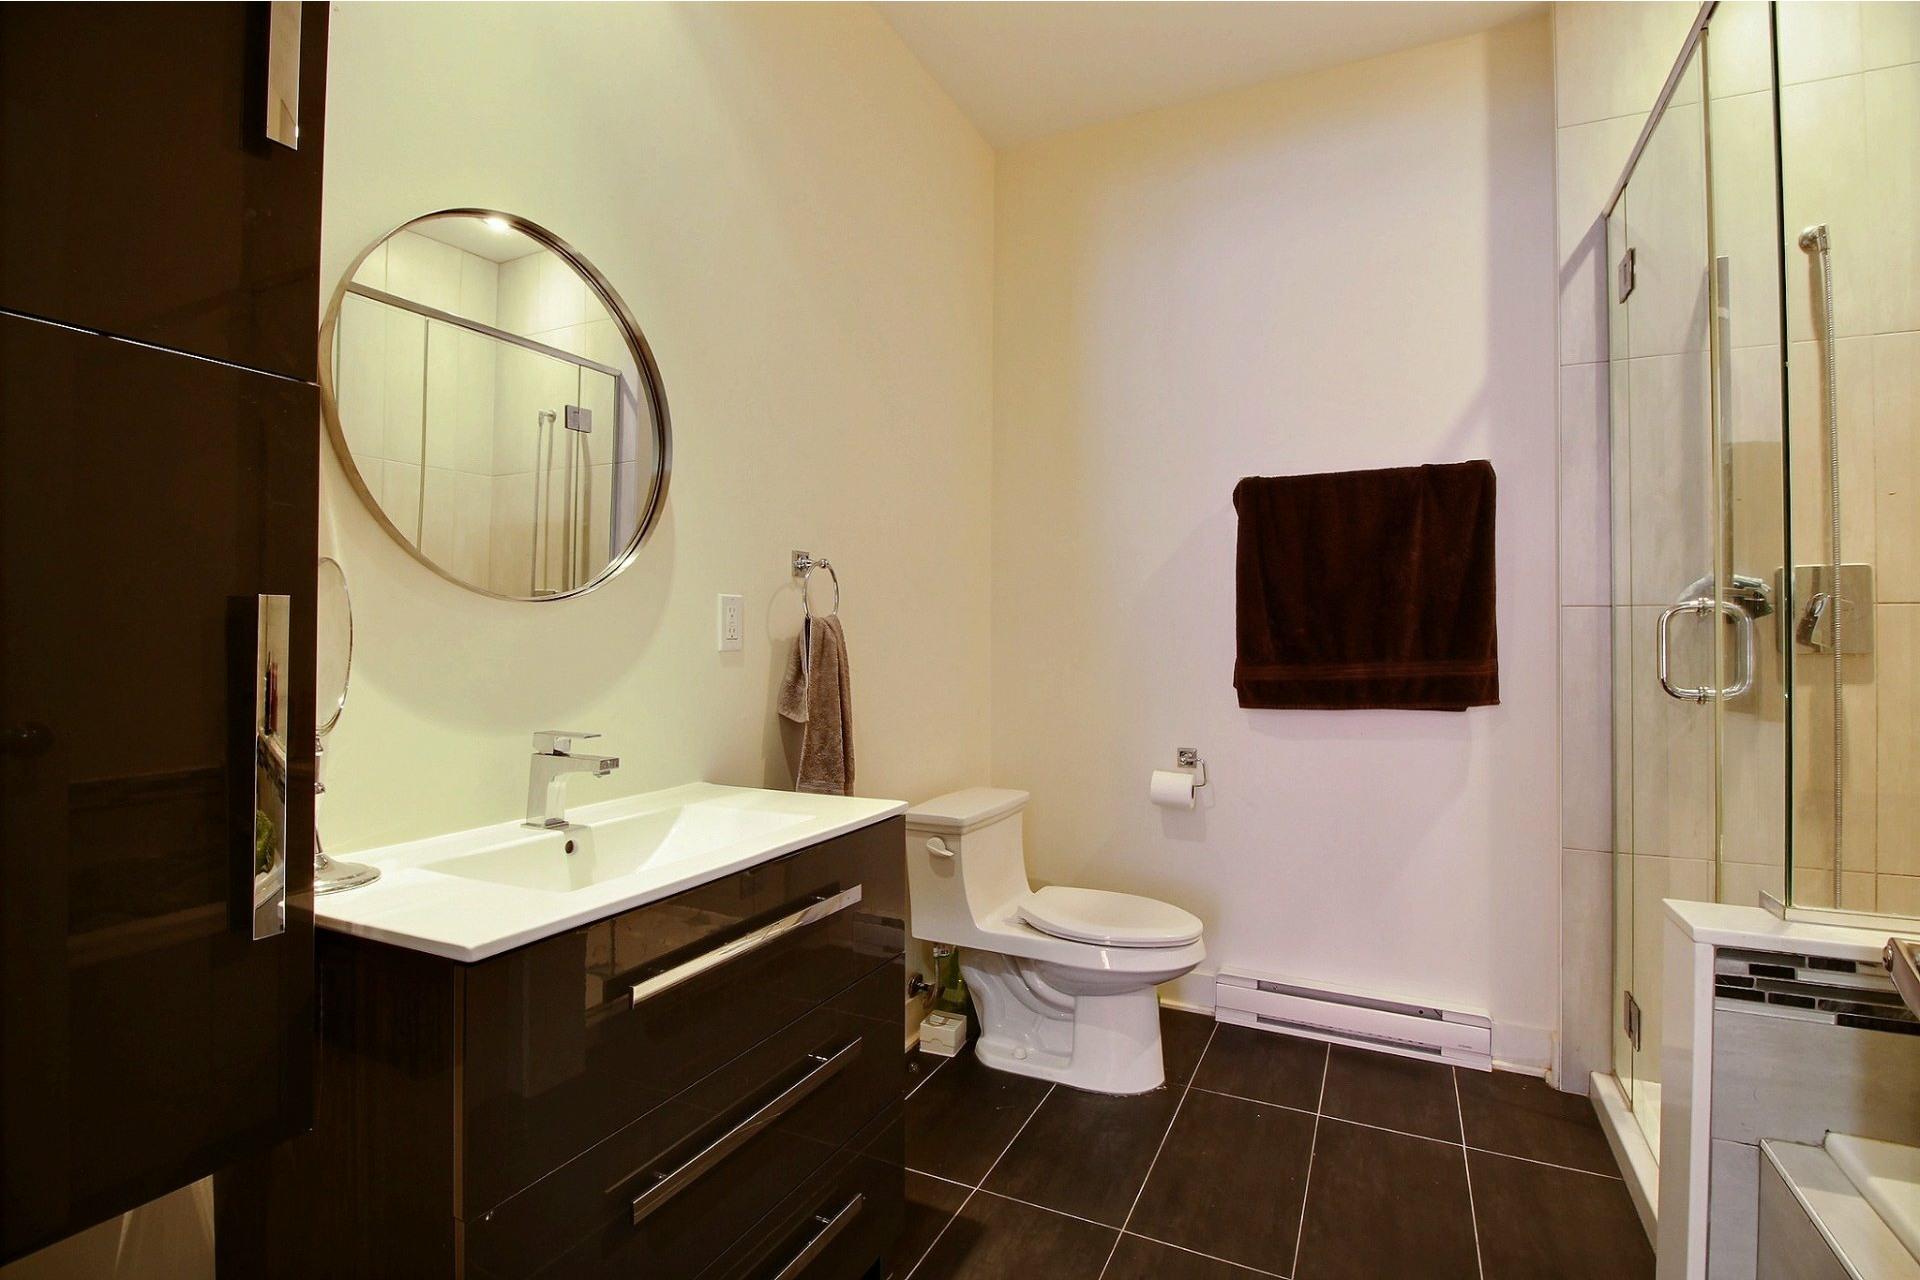 image 18 - Apartment For rent Rivière-des-Prairies/Pointe-aux-Trembles Montréal  - 6 rooms